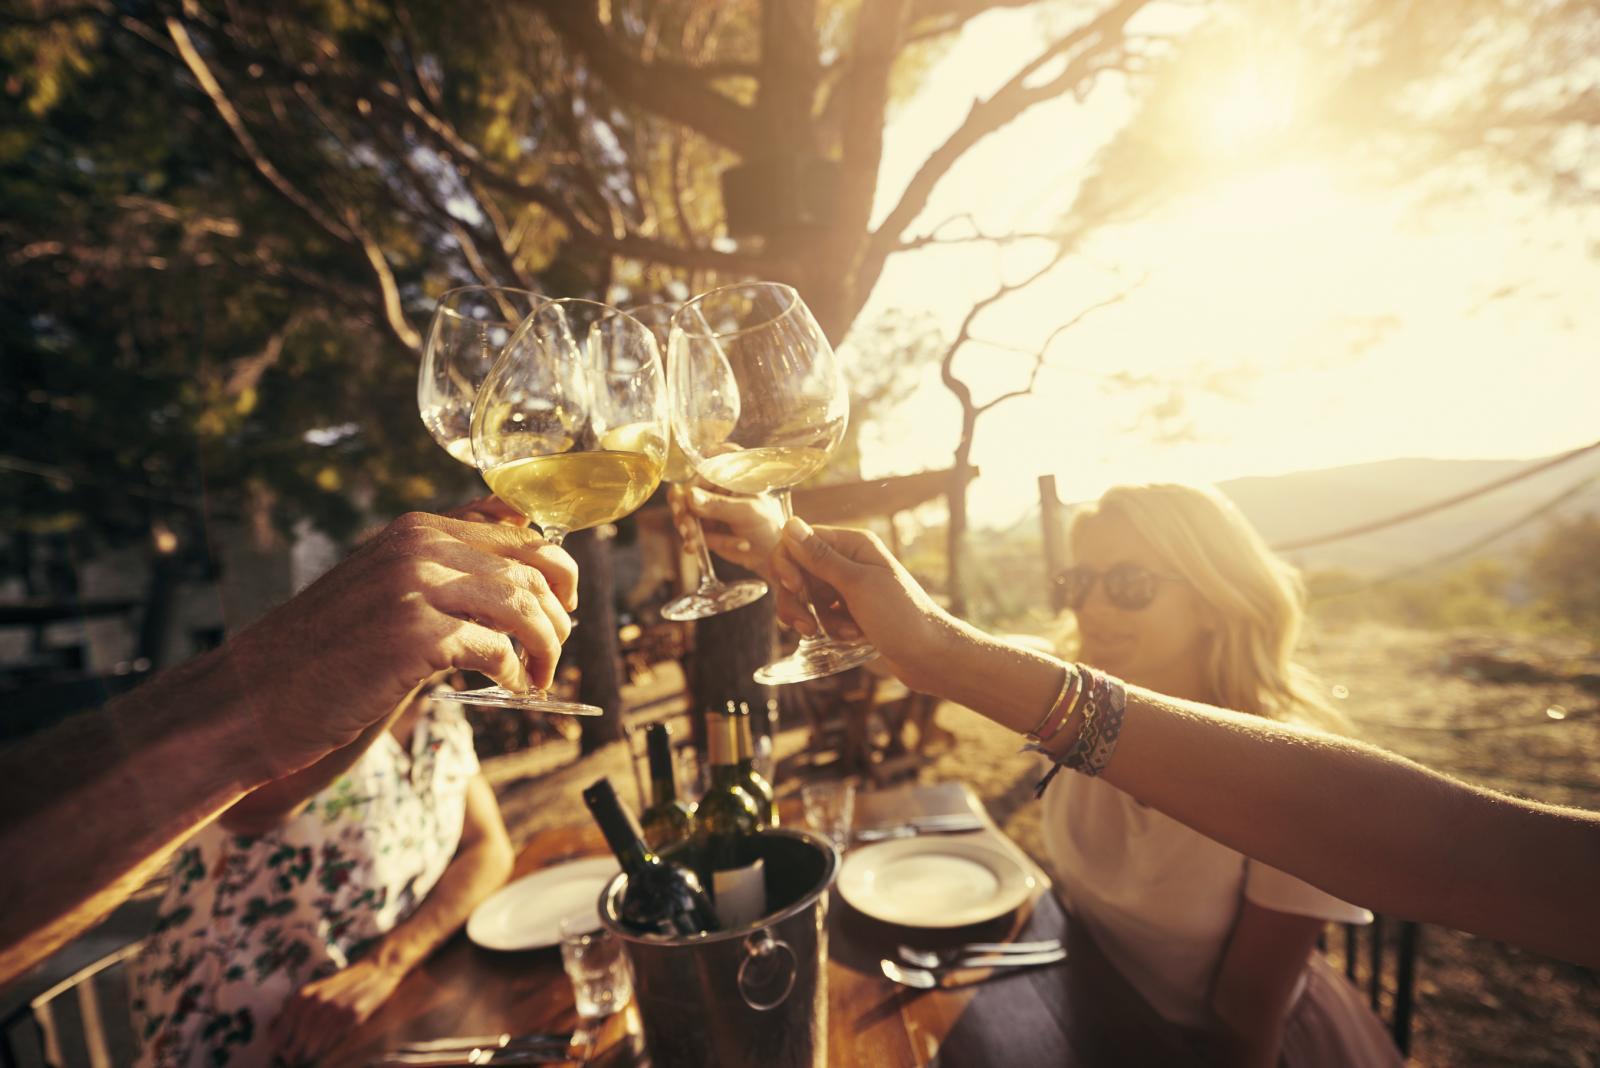 Je li u vinu istina, doznajte sami. Ono što vam mi možemo otkriti je kako istinski uživati u svakoj njegovoj kapljici...